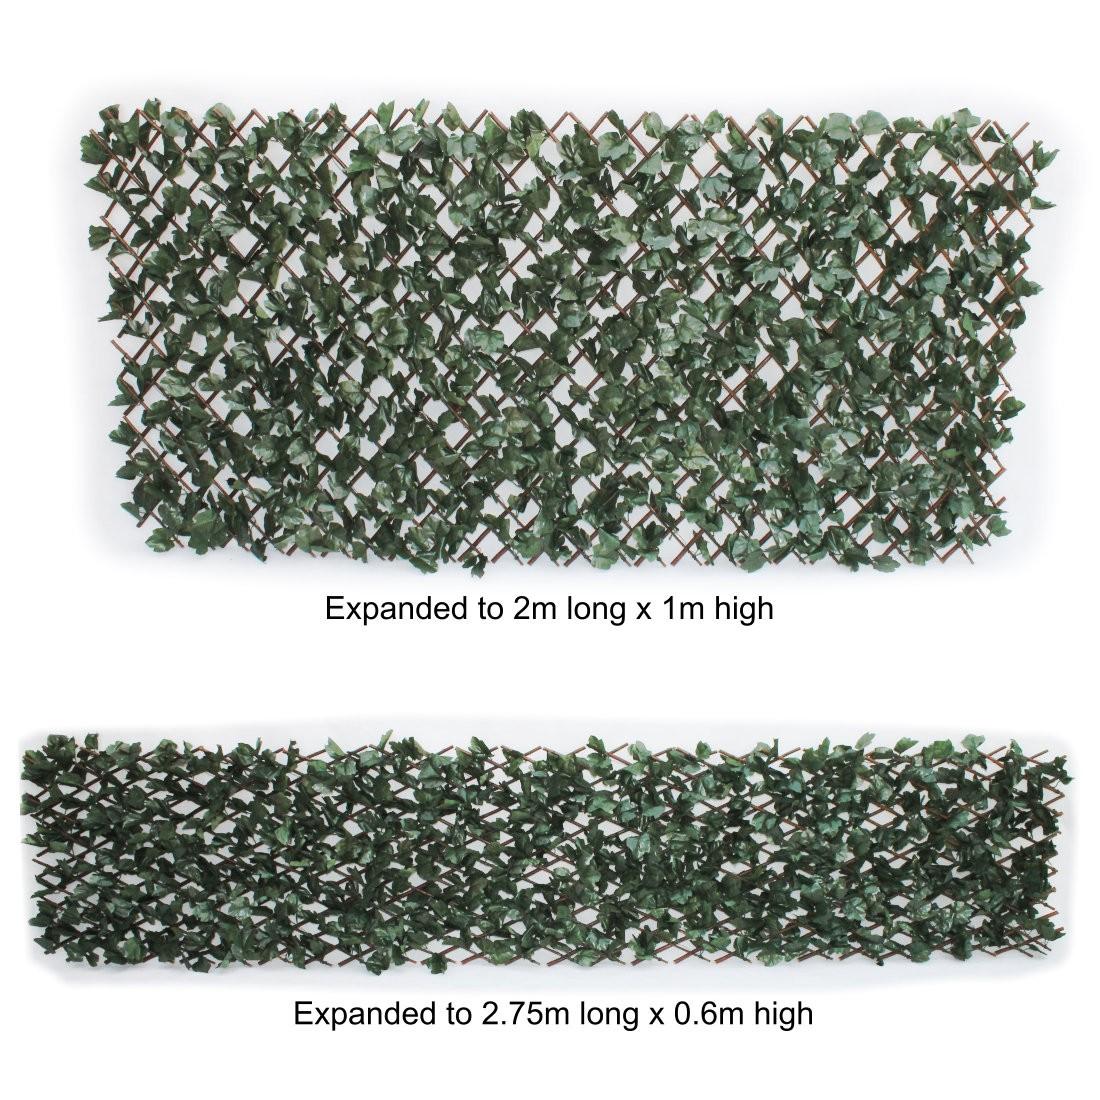 Artificial maple leaf ivy on expanding willow trellis 1m for Schreibtisch 2m x 1m